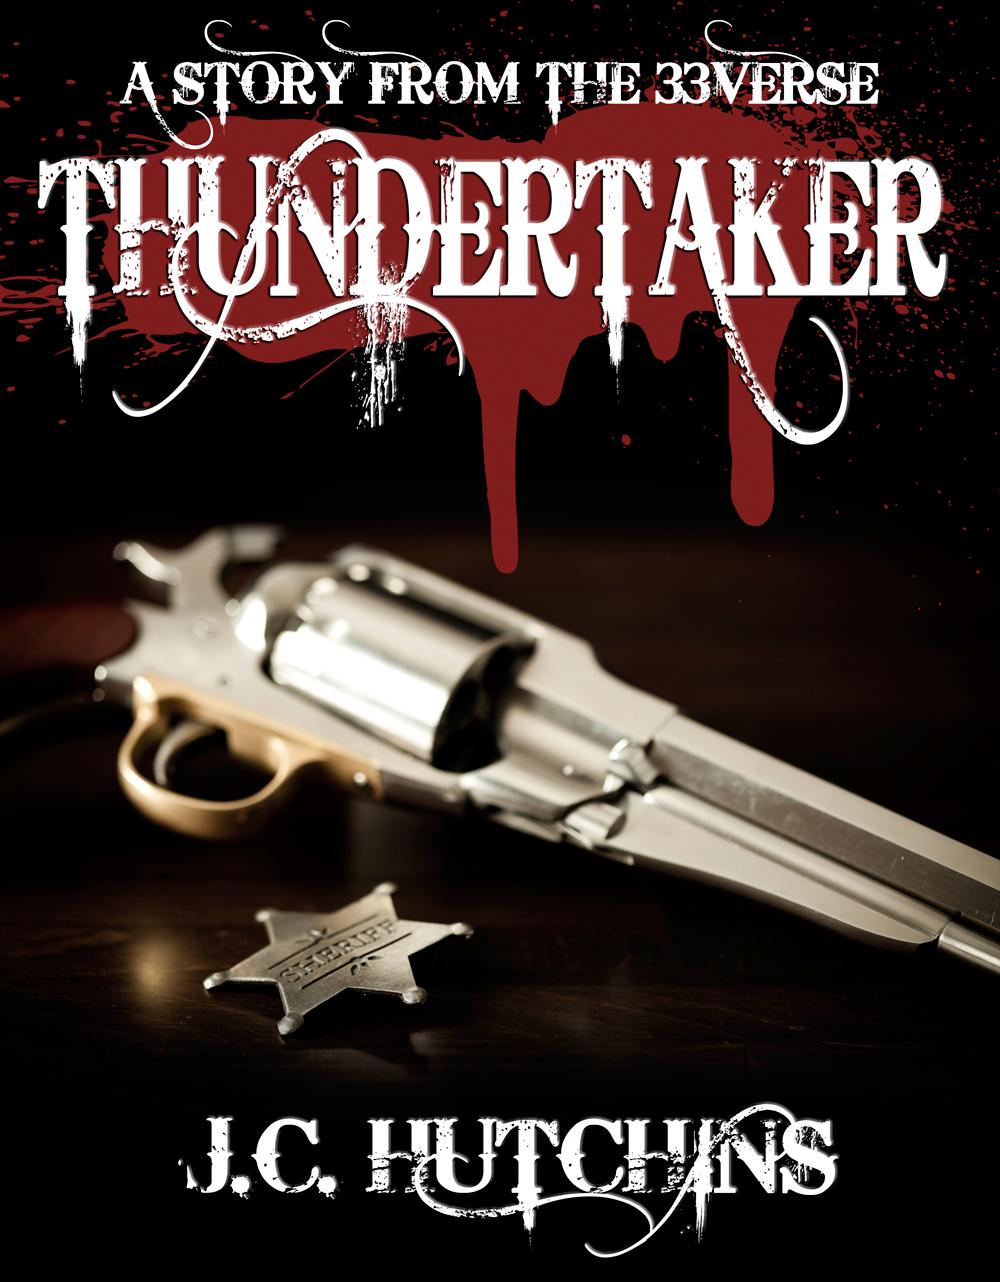 Thundertaker_Cover_1